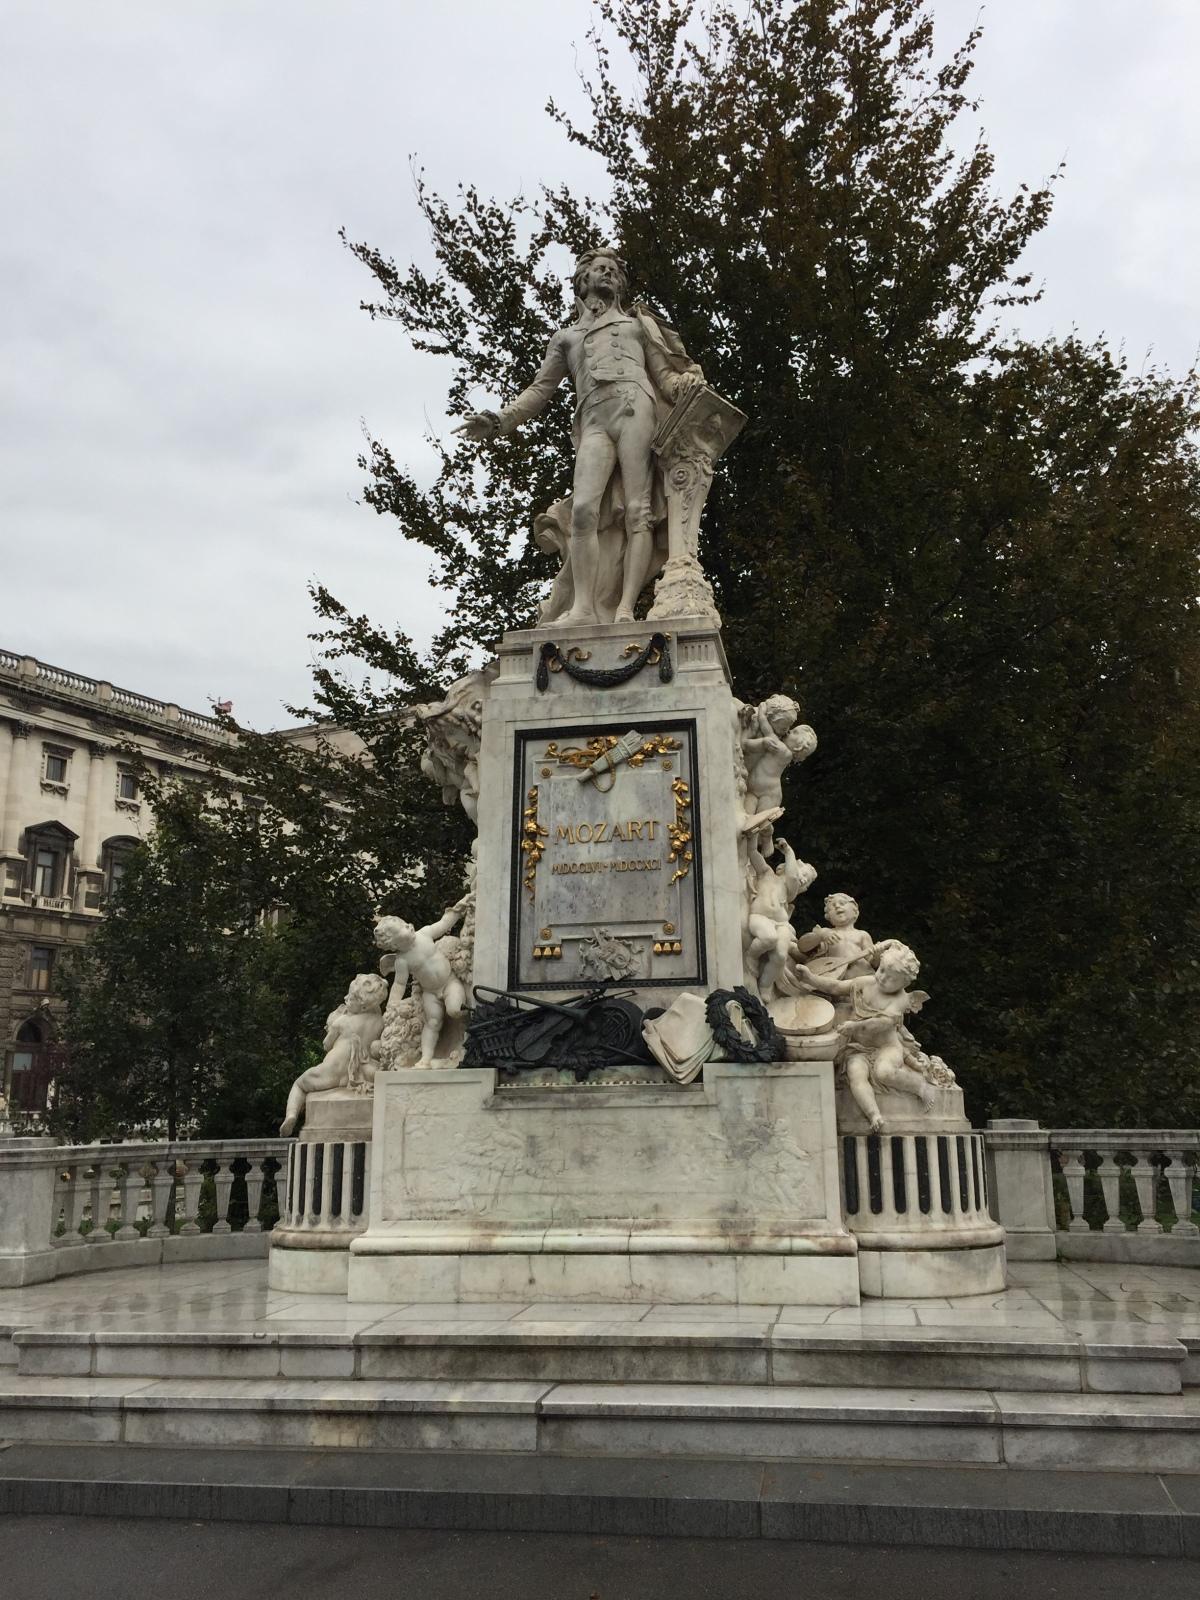 Vienna – Allclass!